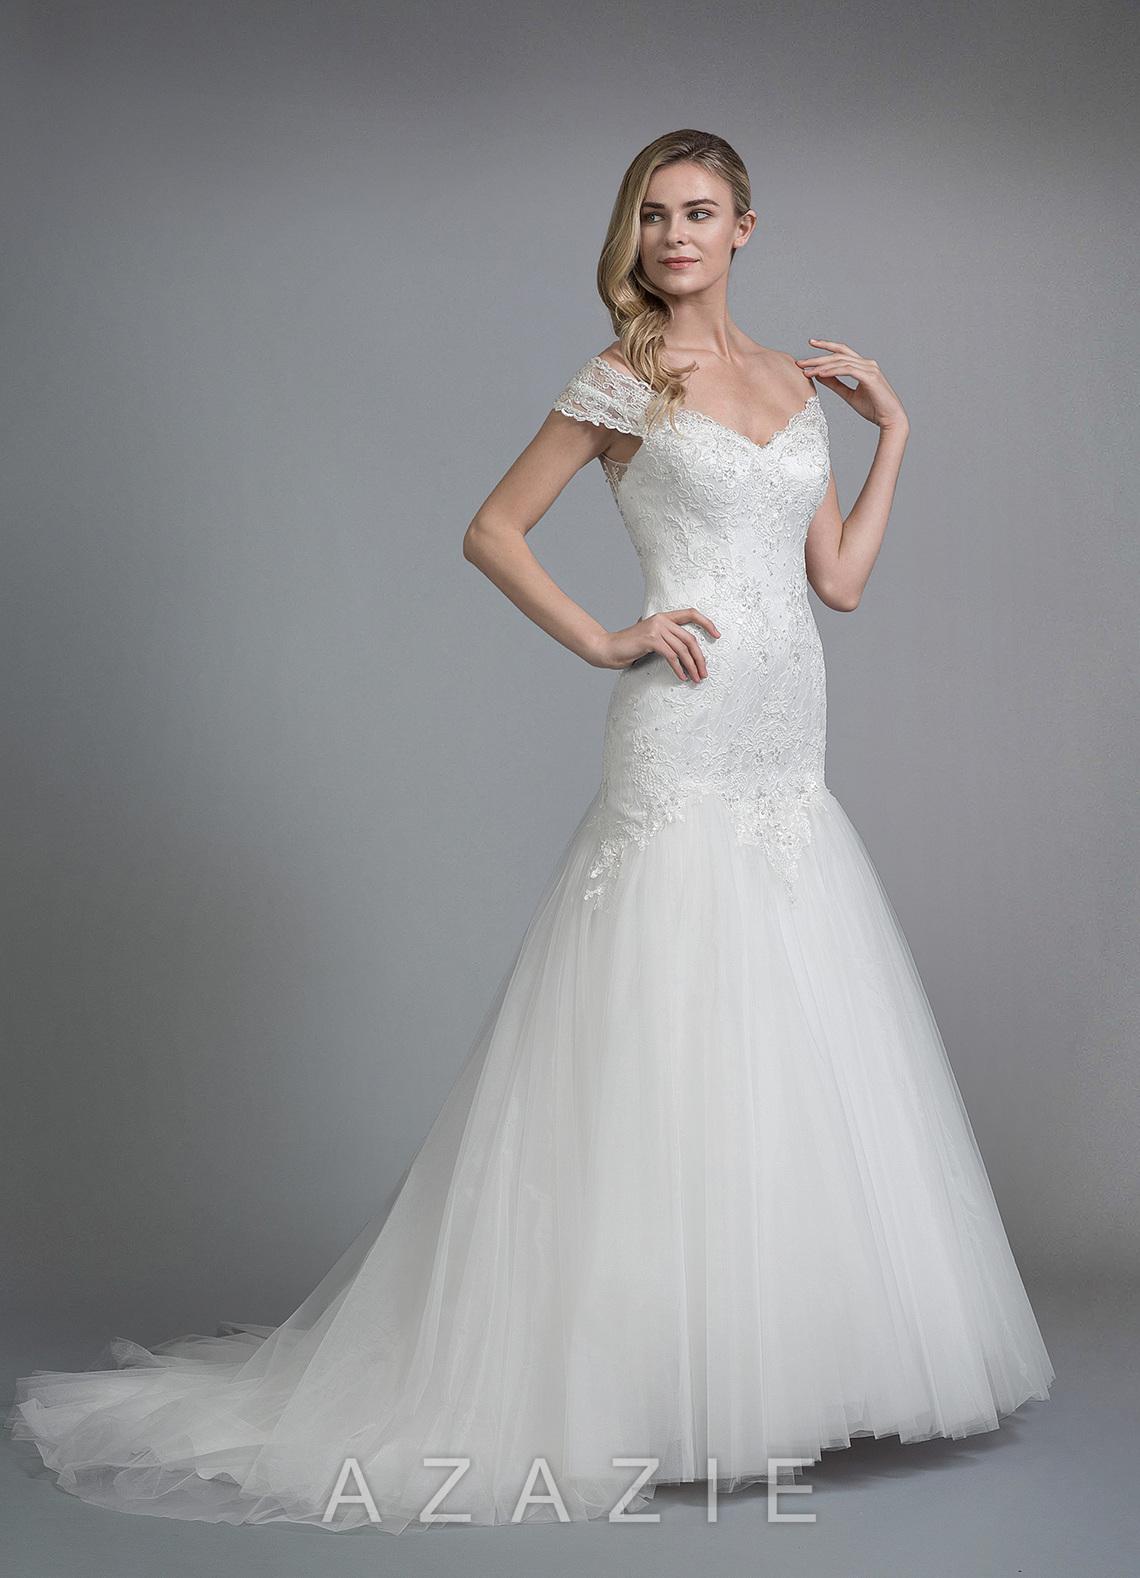 f737de5dd9 Azazie June BG Wedding Dress | Azazie